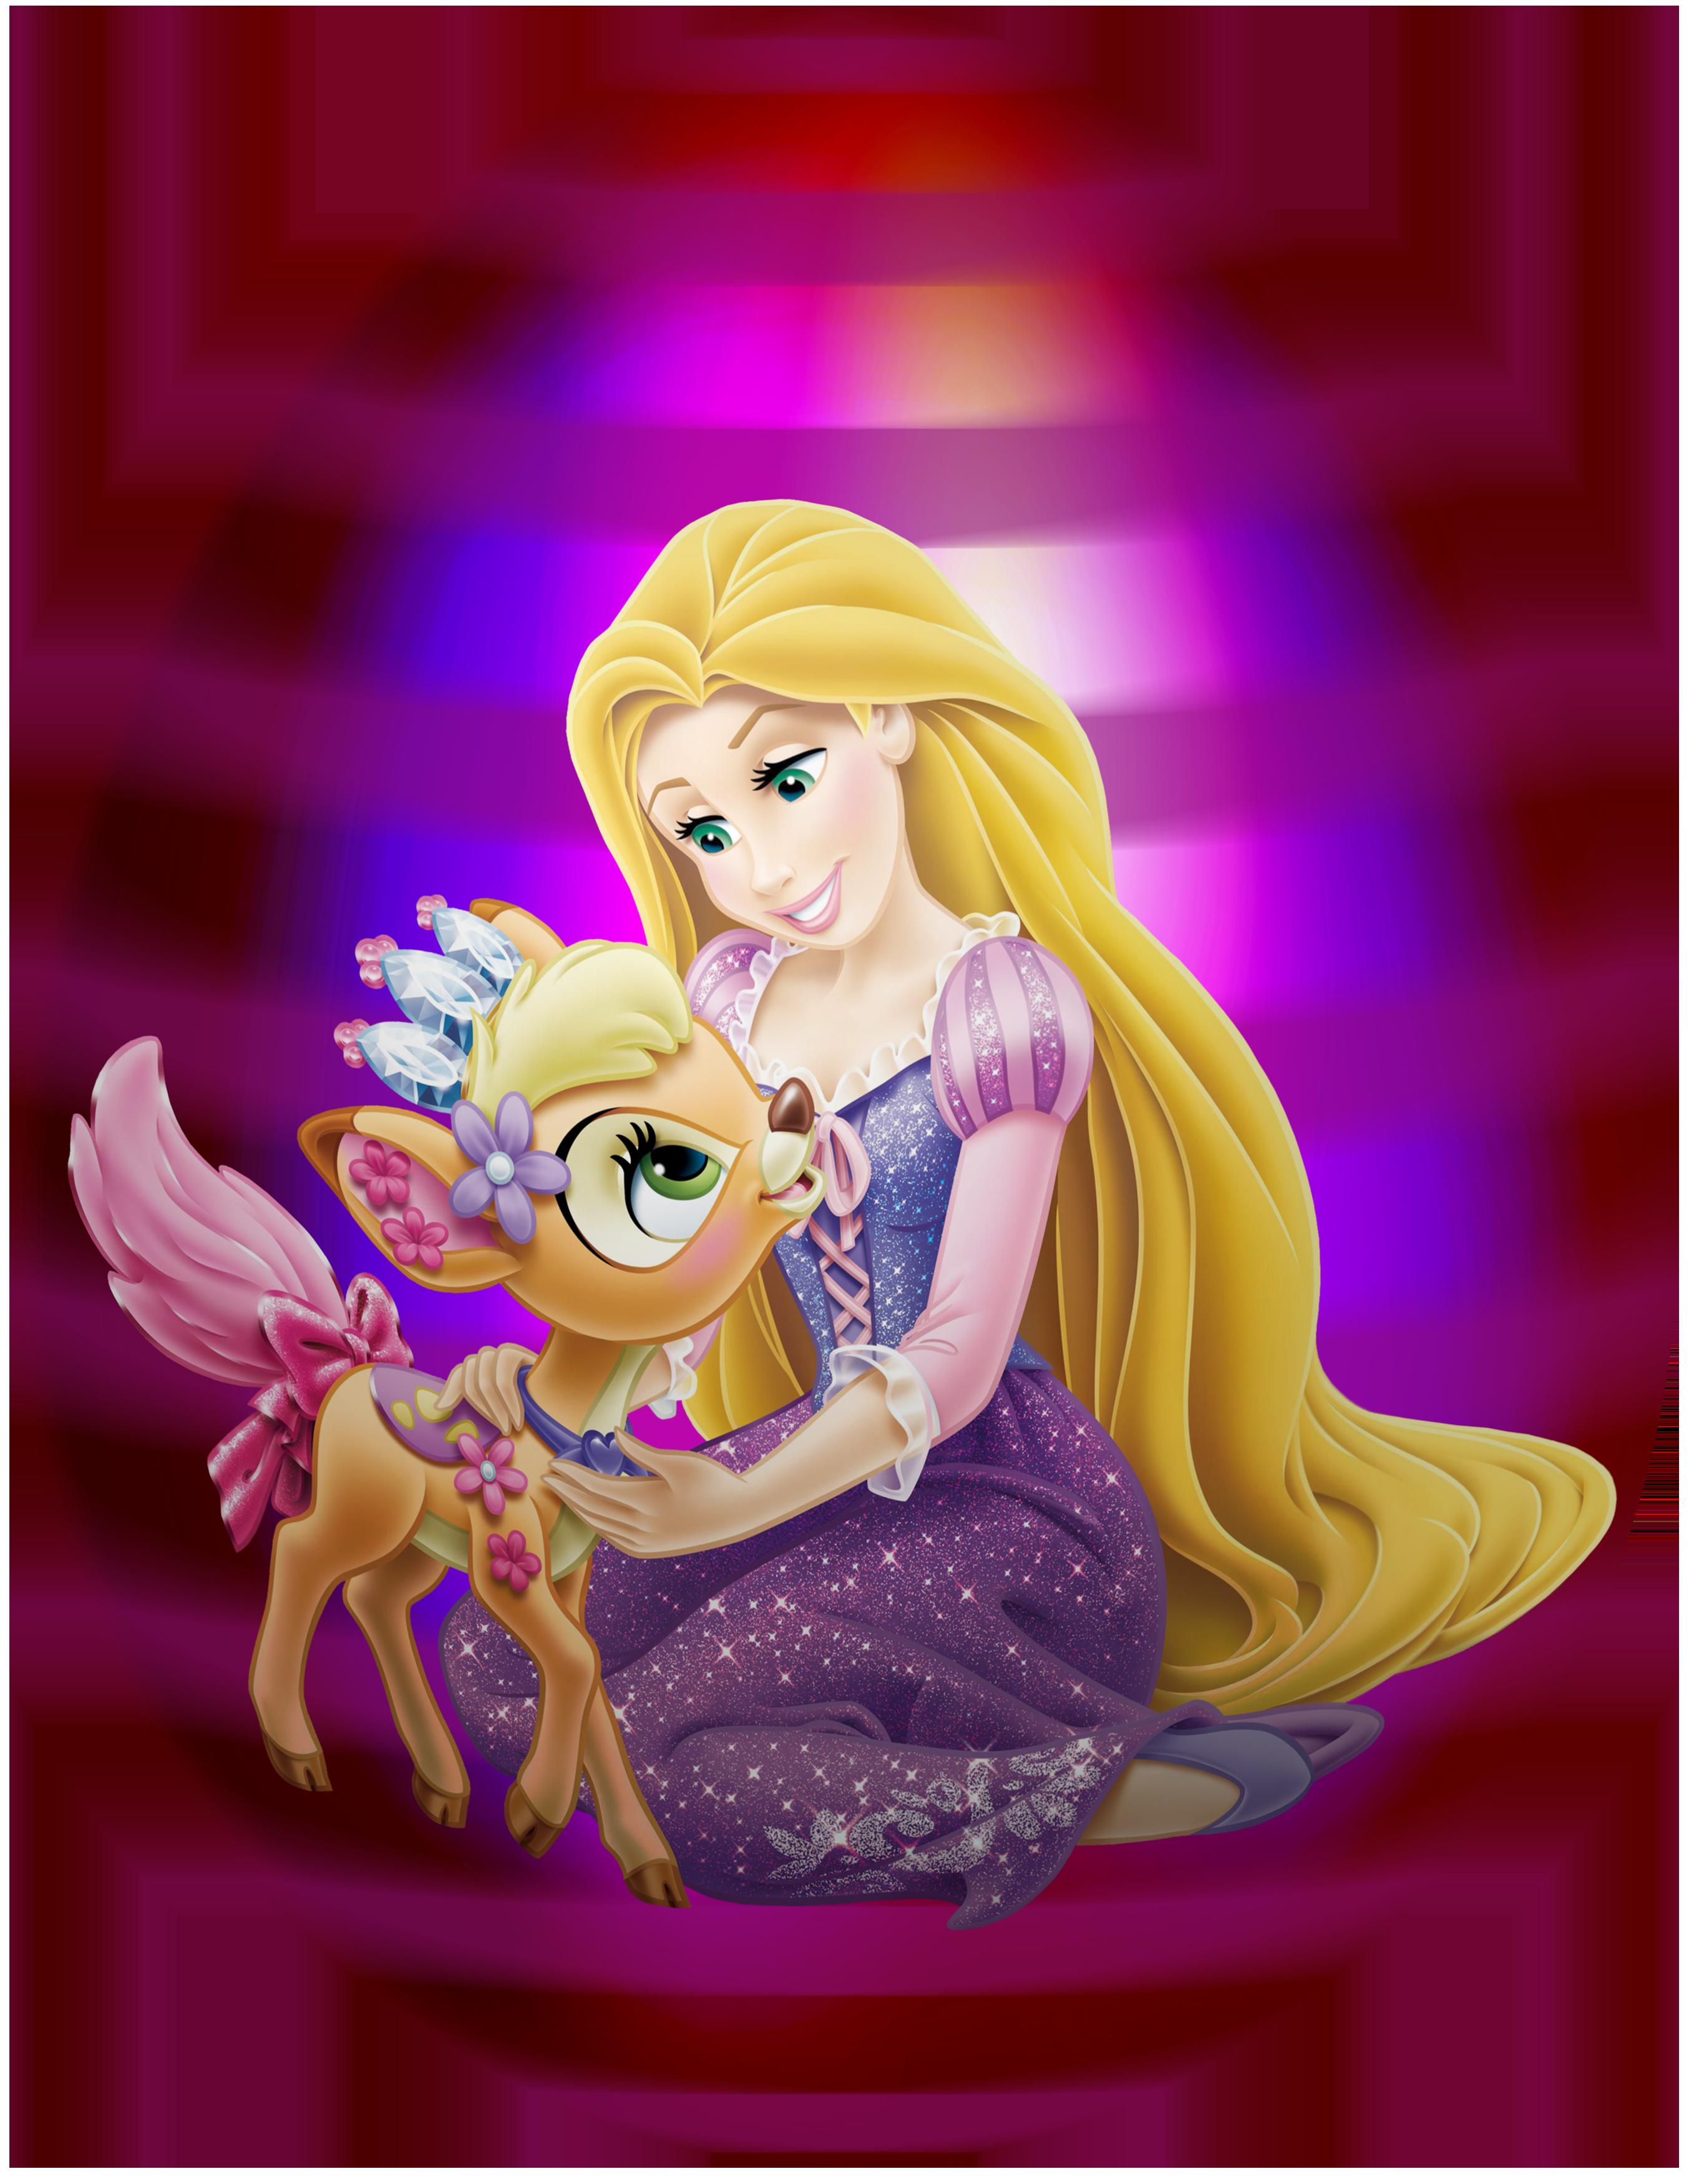 Rapunzel clipart transparent background. Kids easter egg princess